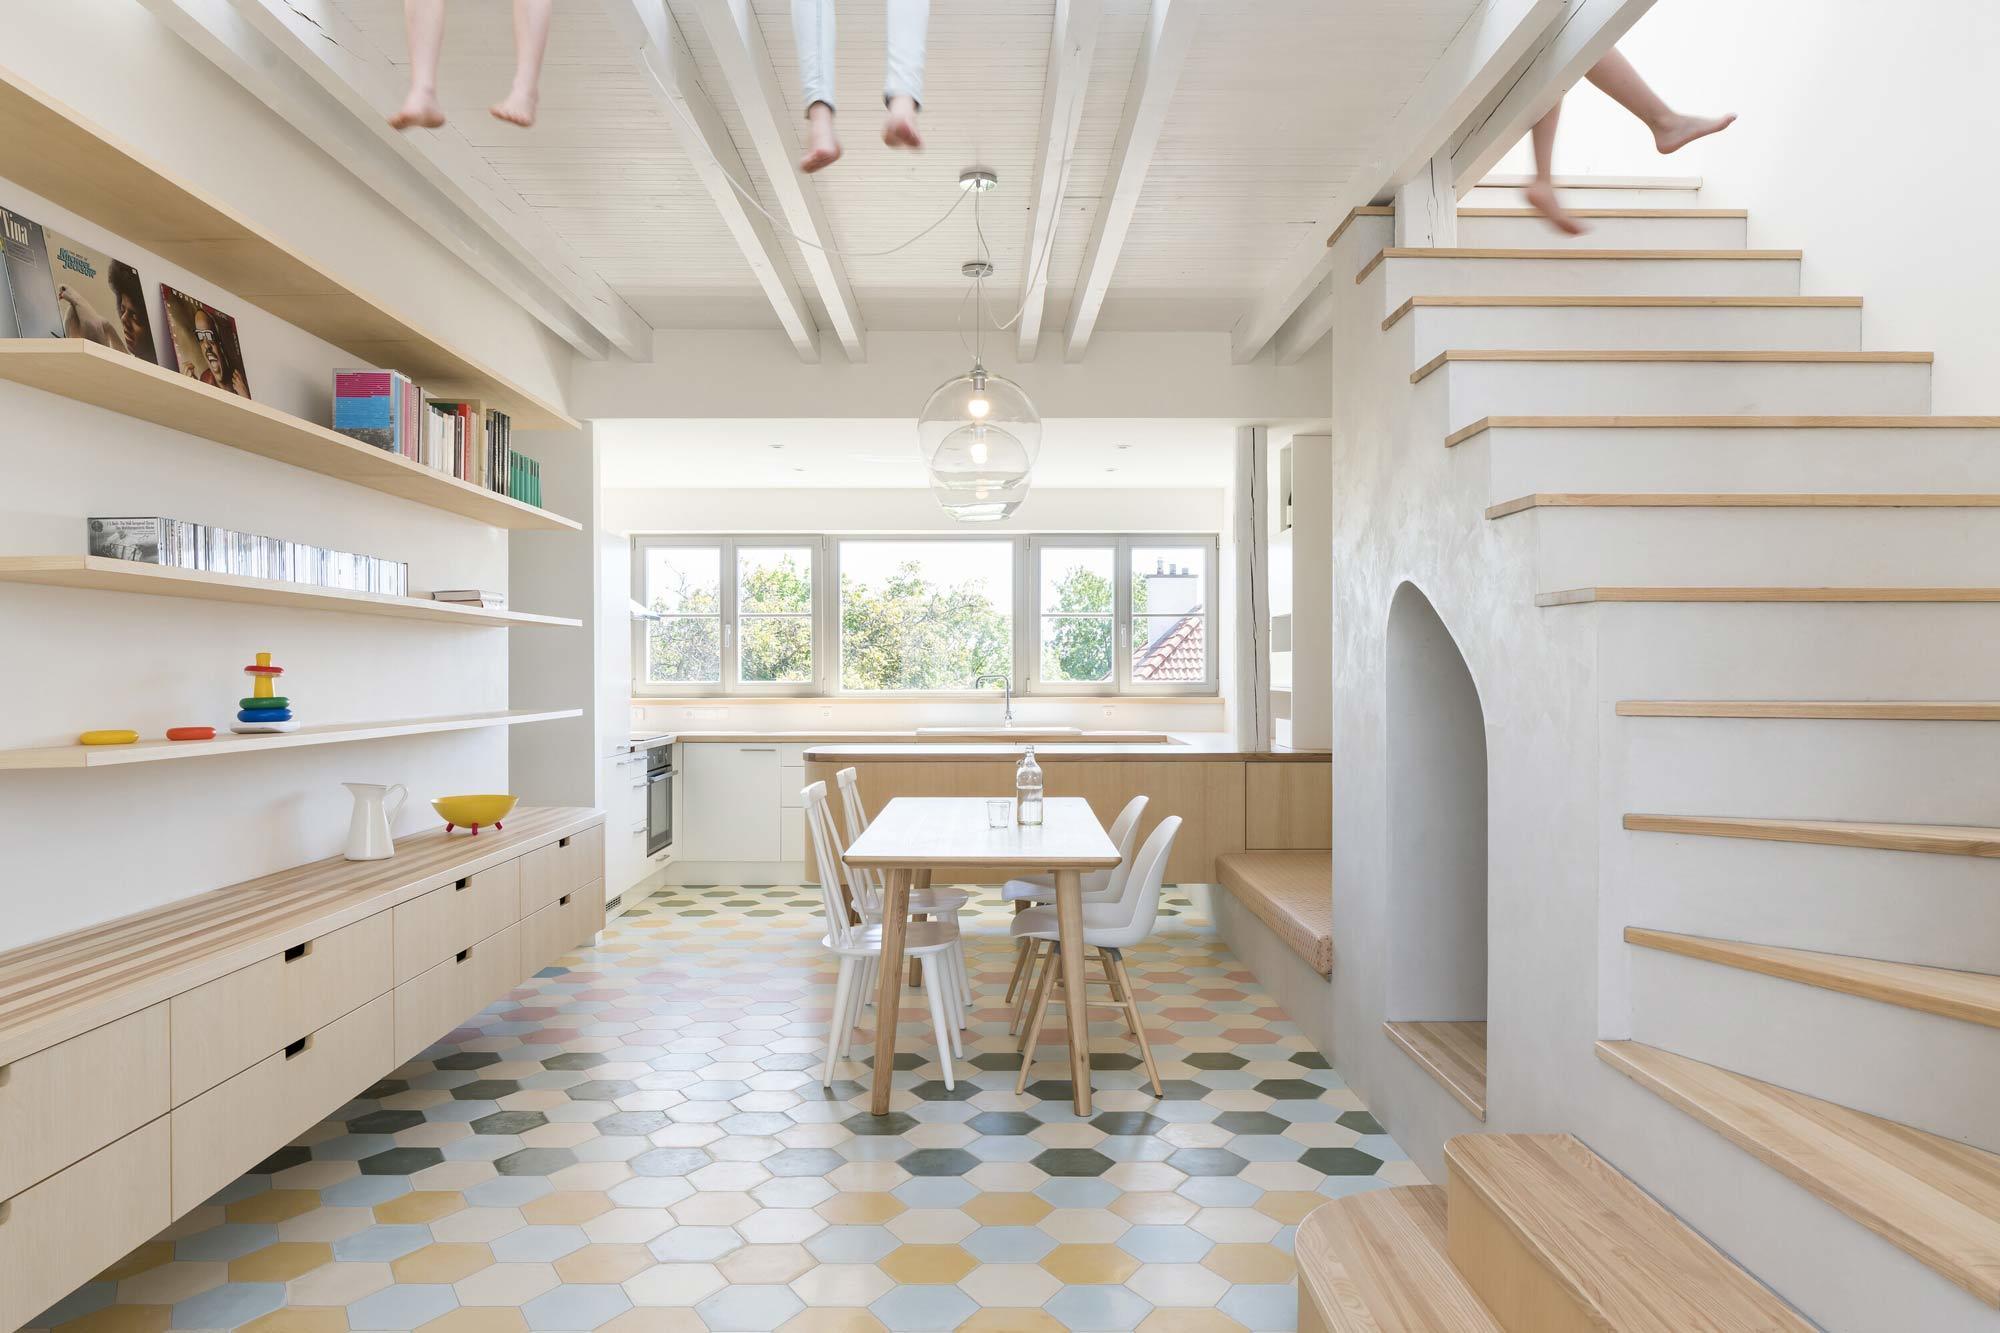 Familienheim hoch drei: In Prag gestalteten No Architects ein historisches Haus für drei Familien um. Jede Etage ist eine separate, individuell geplante Wohnung.